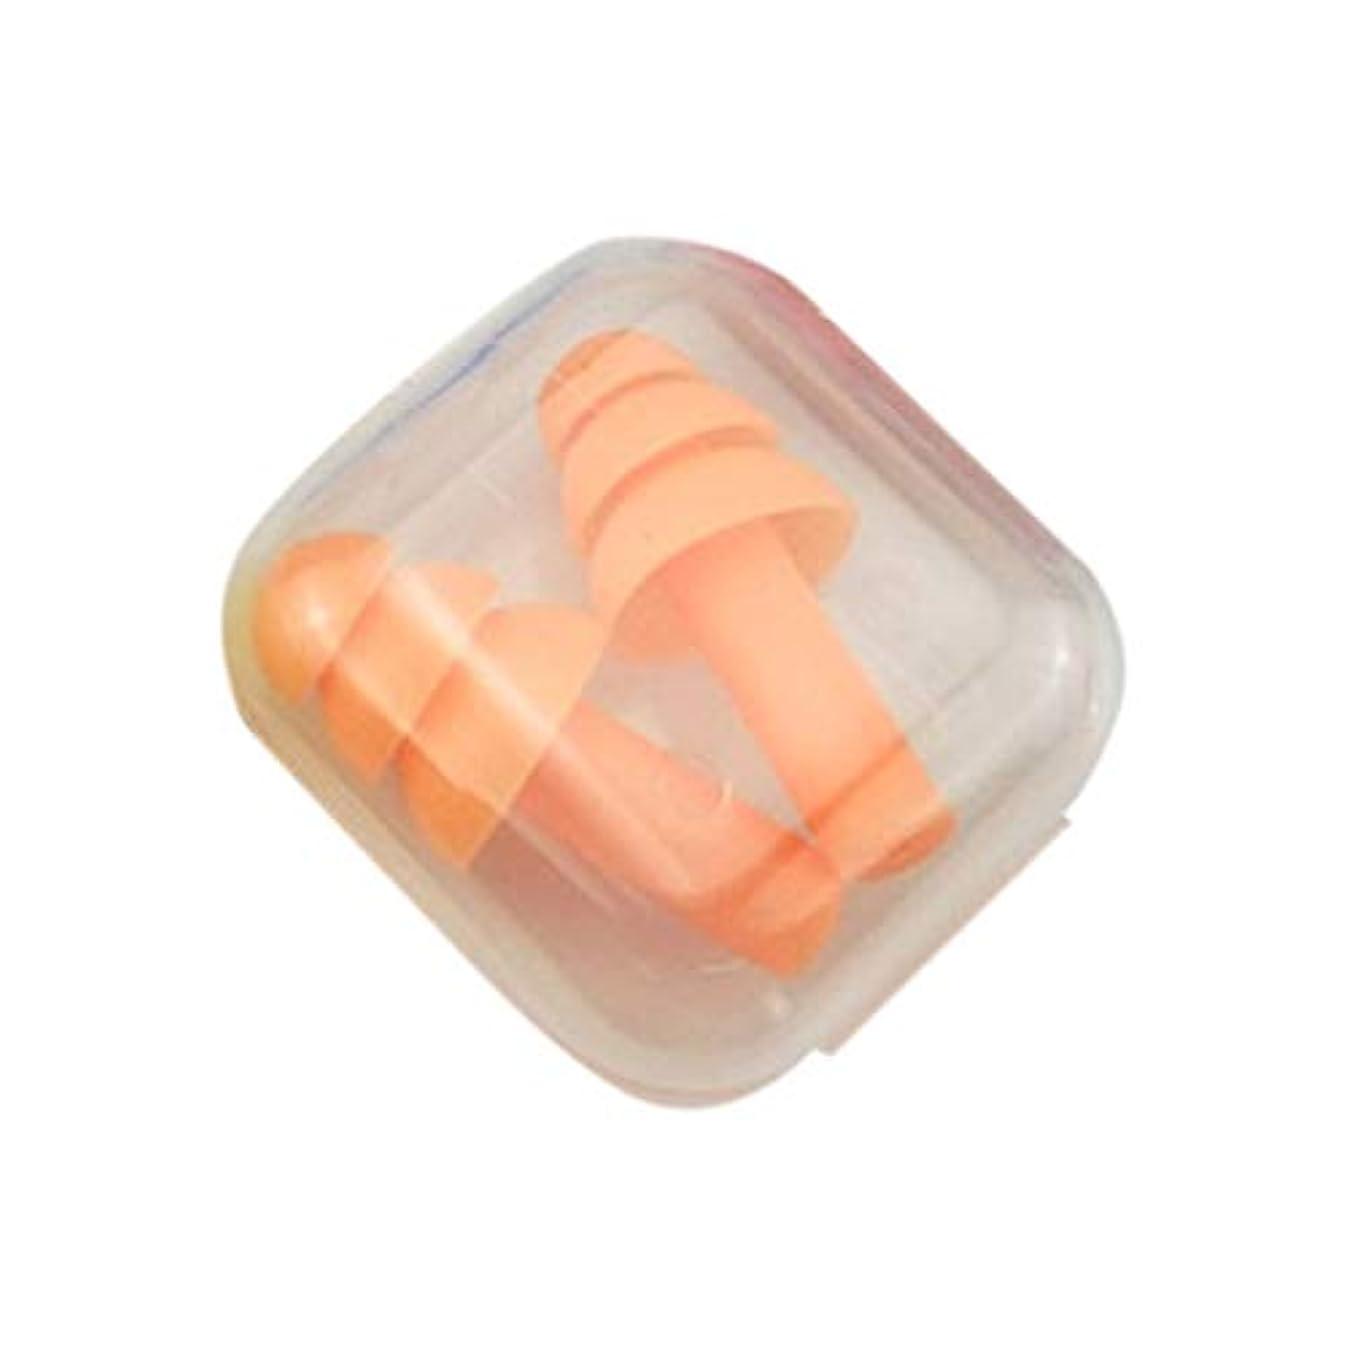 タイプ乳剤調停する柔らかいシリコーンの耳栓遮音用耳の保護用の耳栓防音睡眠ボックス付き収納ボックス - オレンジ